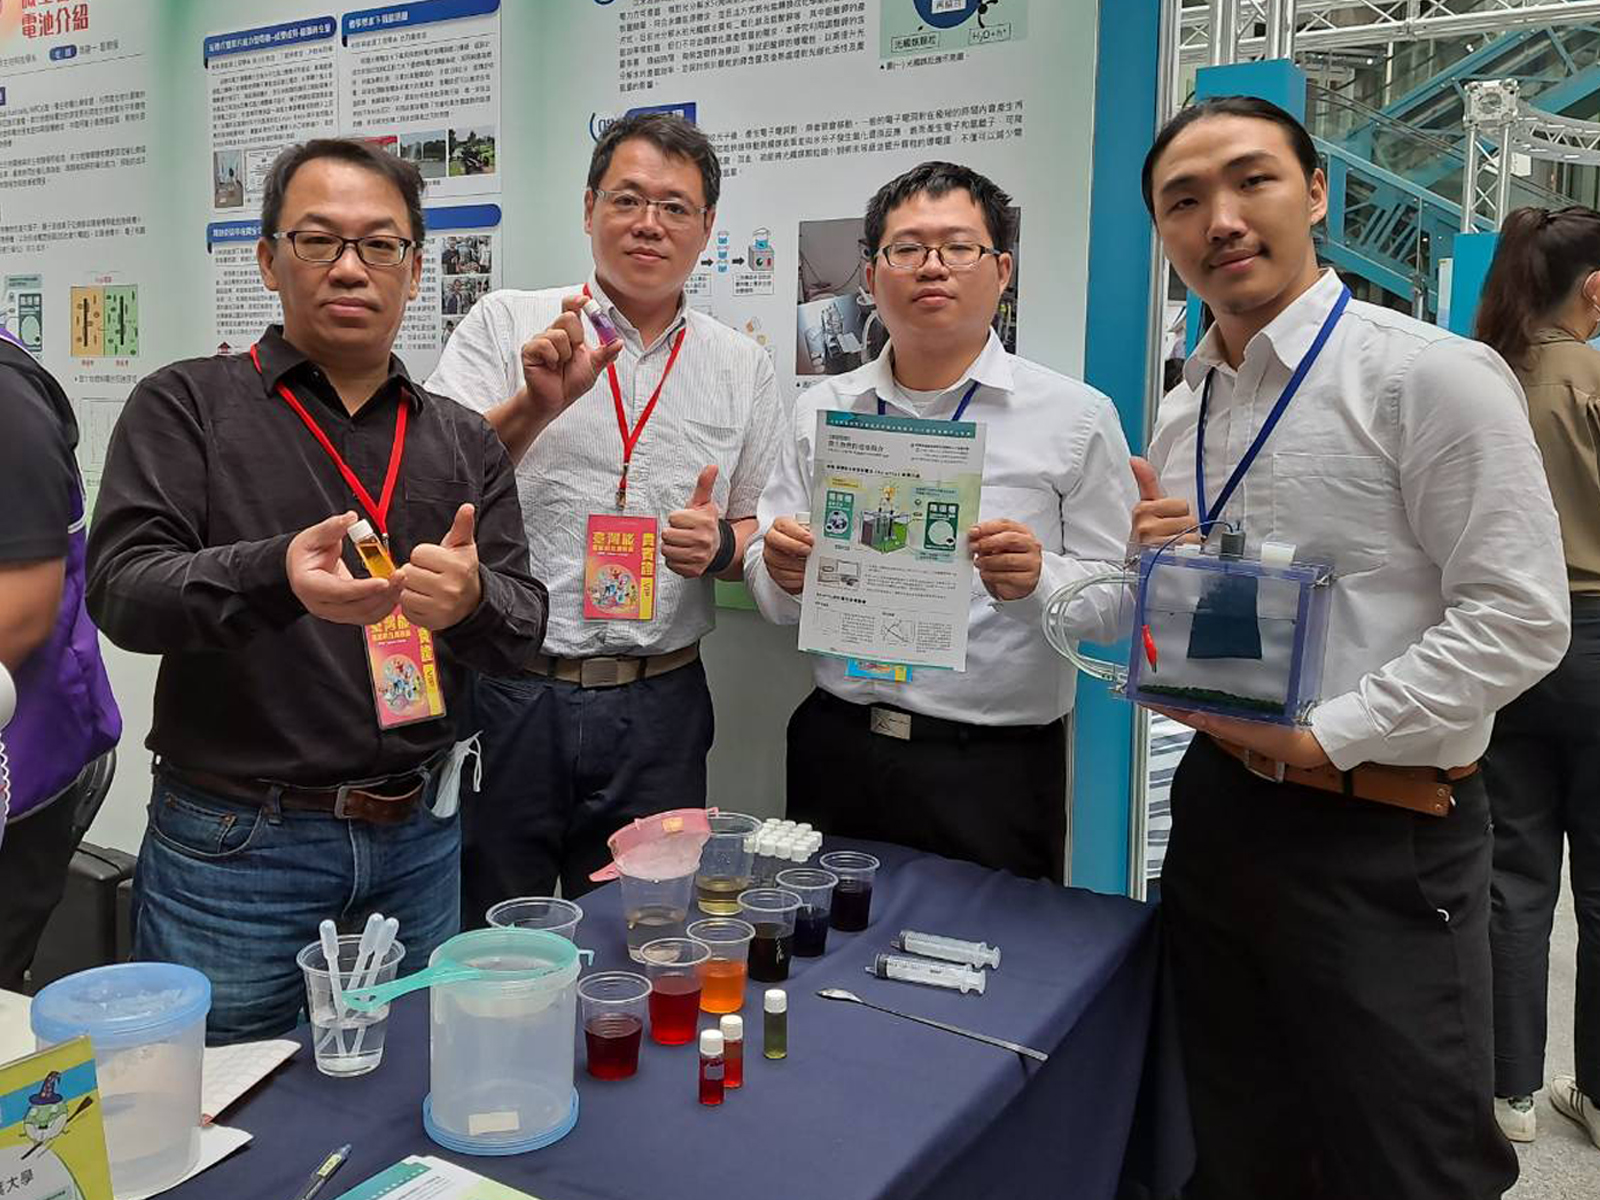 大葉大學潔能教育相關成果  即日起台灣科學教育館展出-大葉大學